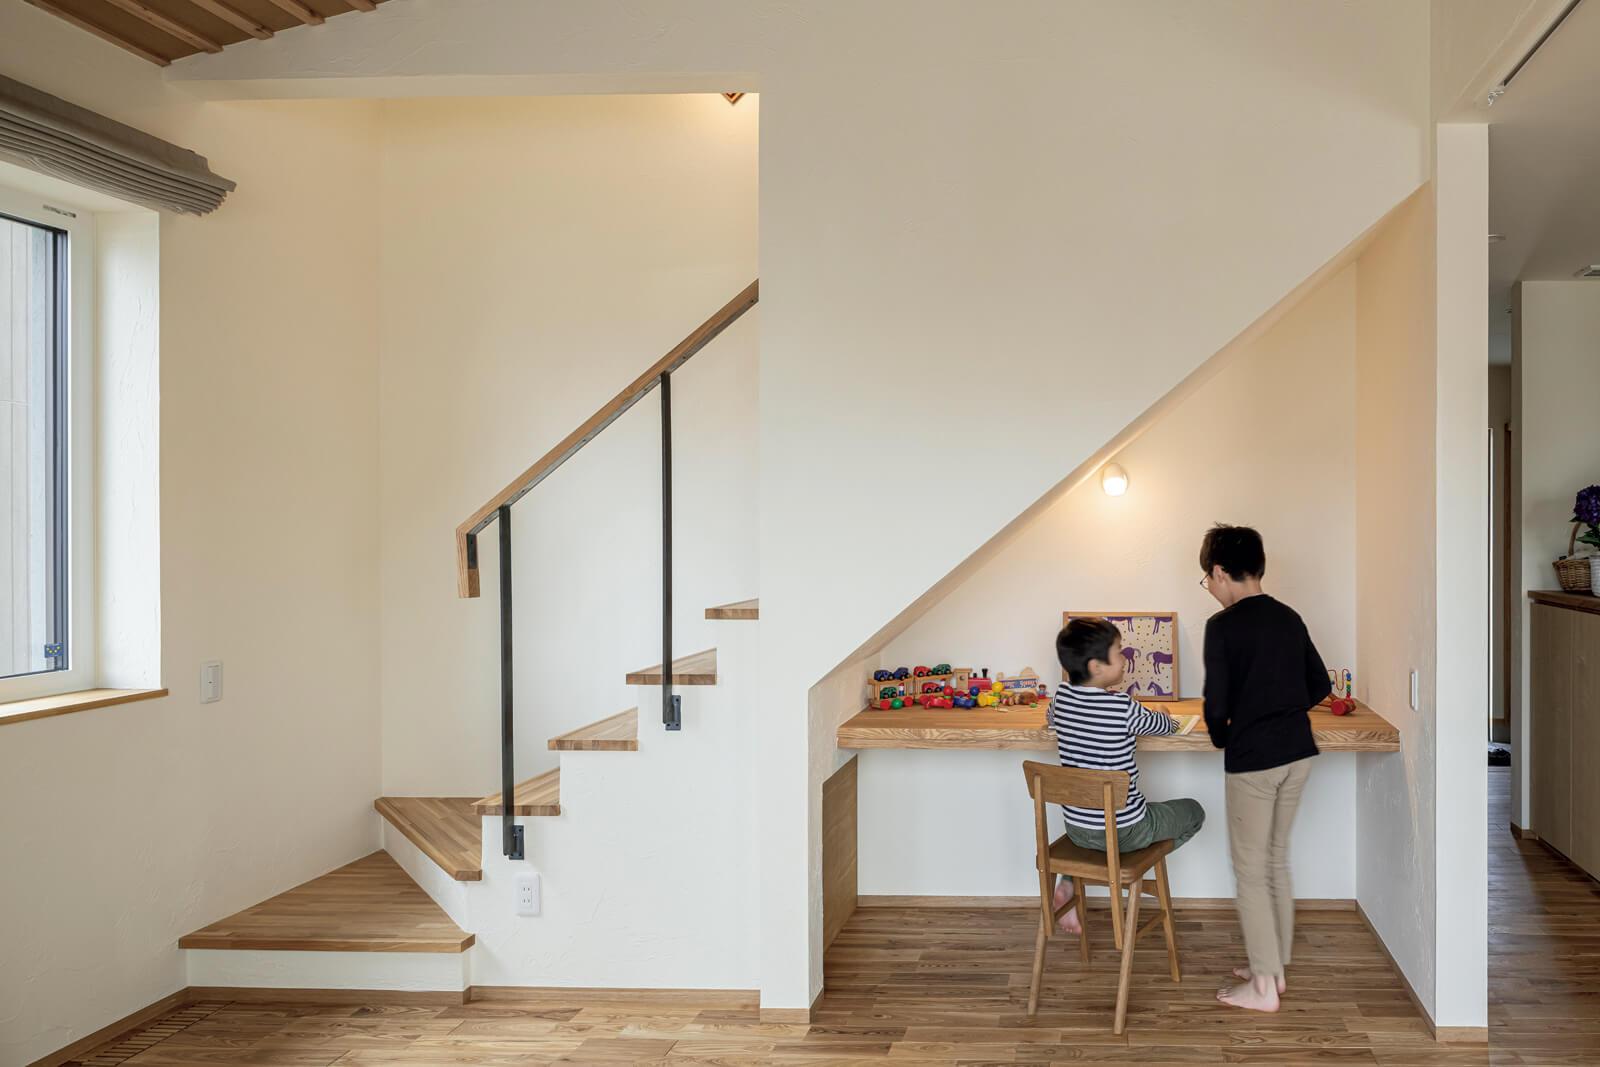 階段下スペースを活用した共用のワークスペース。作業台や勉強机など、家族がそれぞれに利用できる